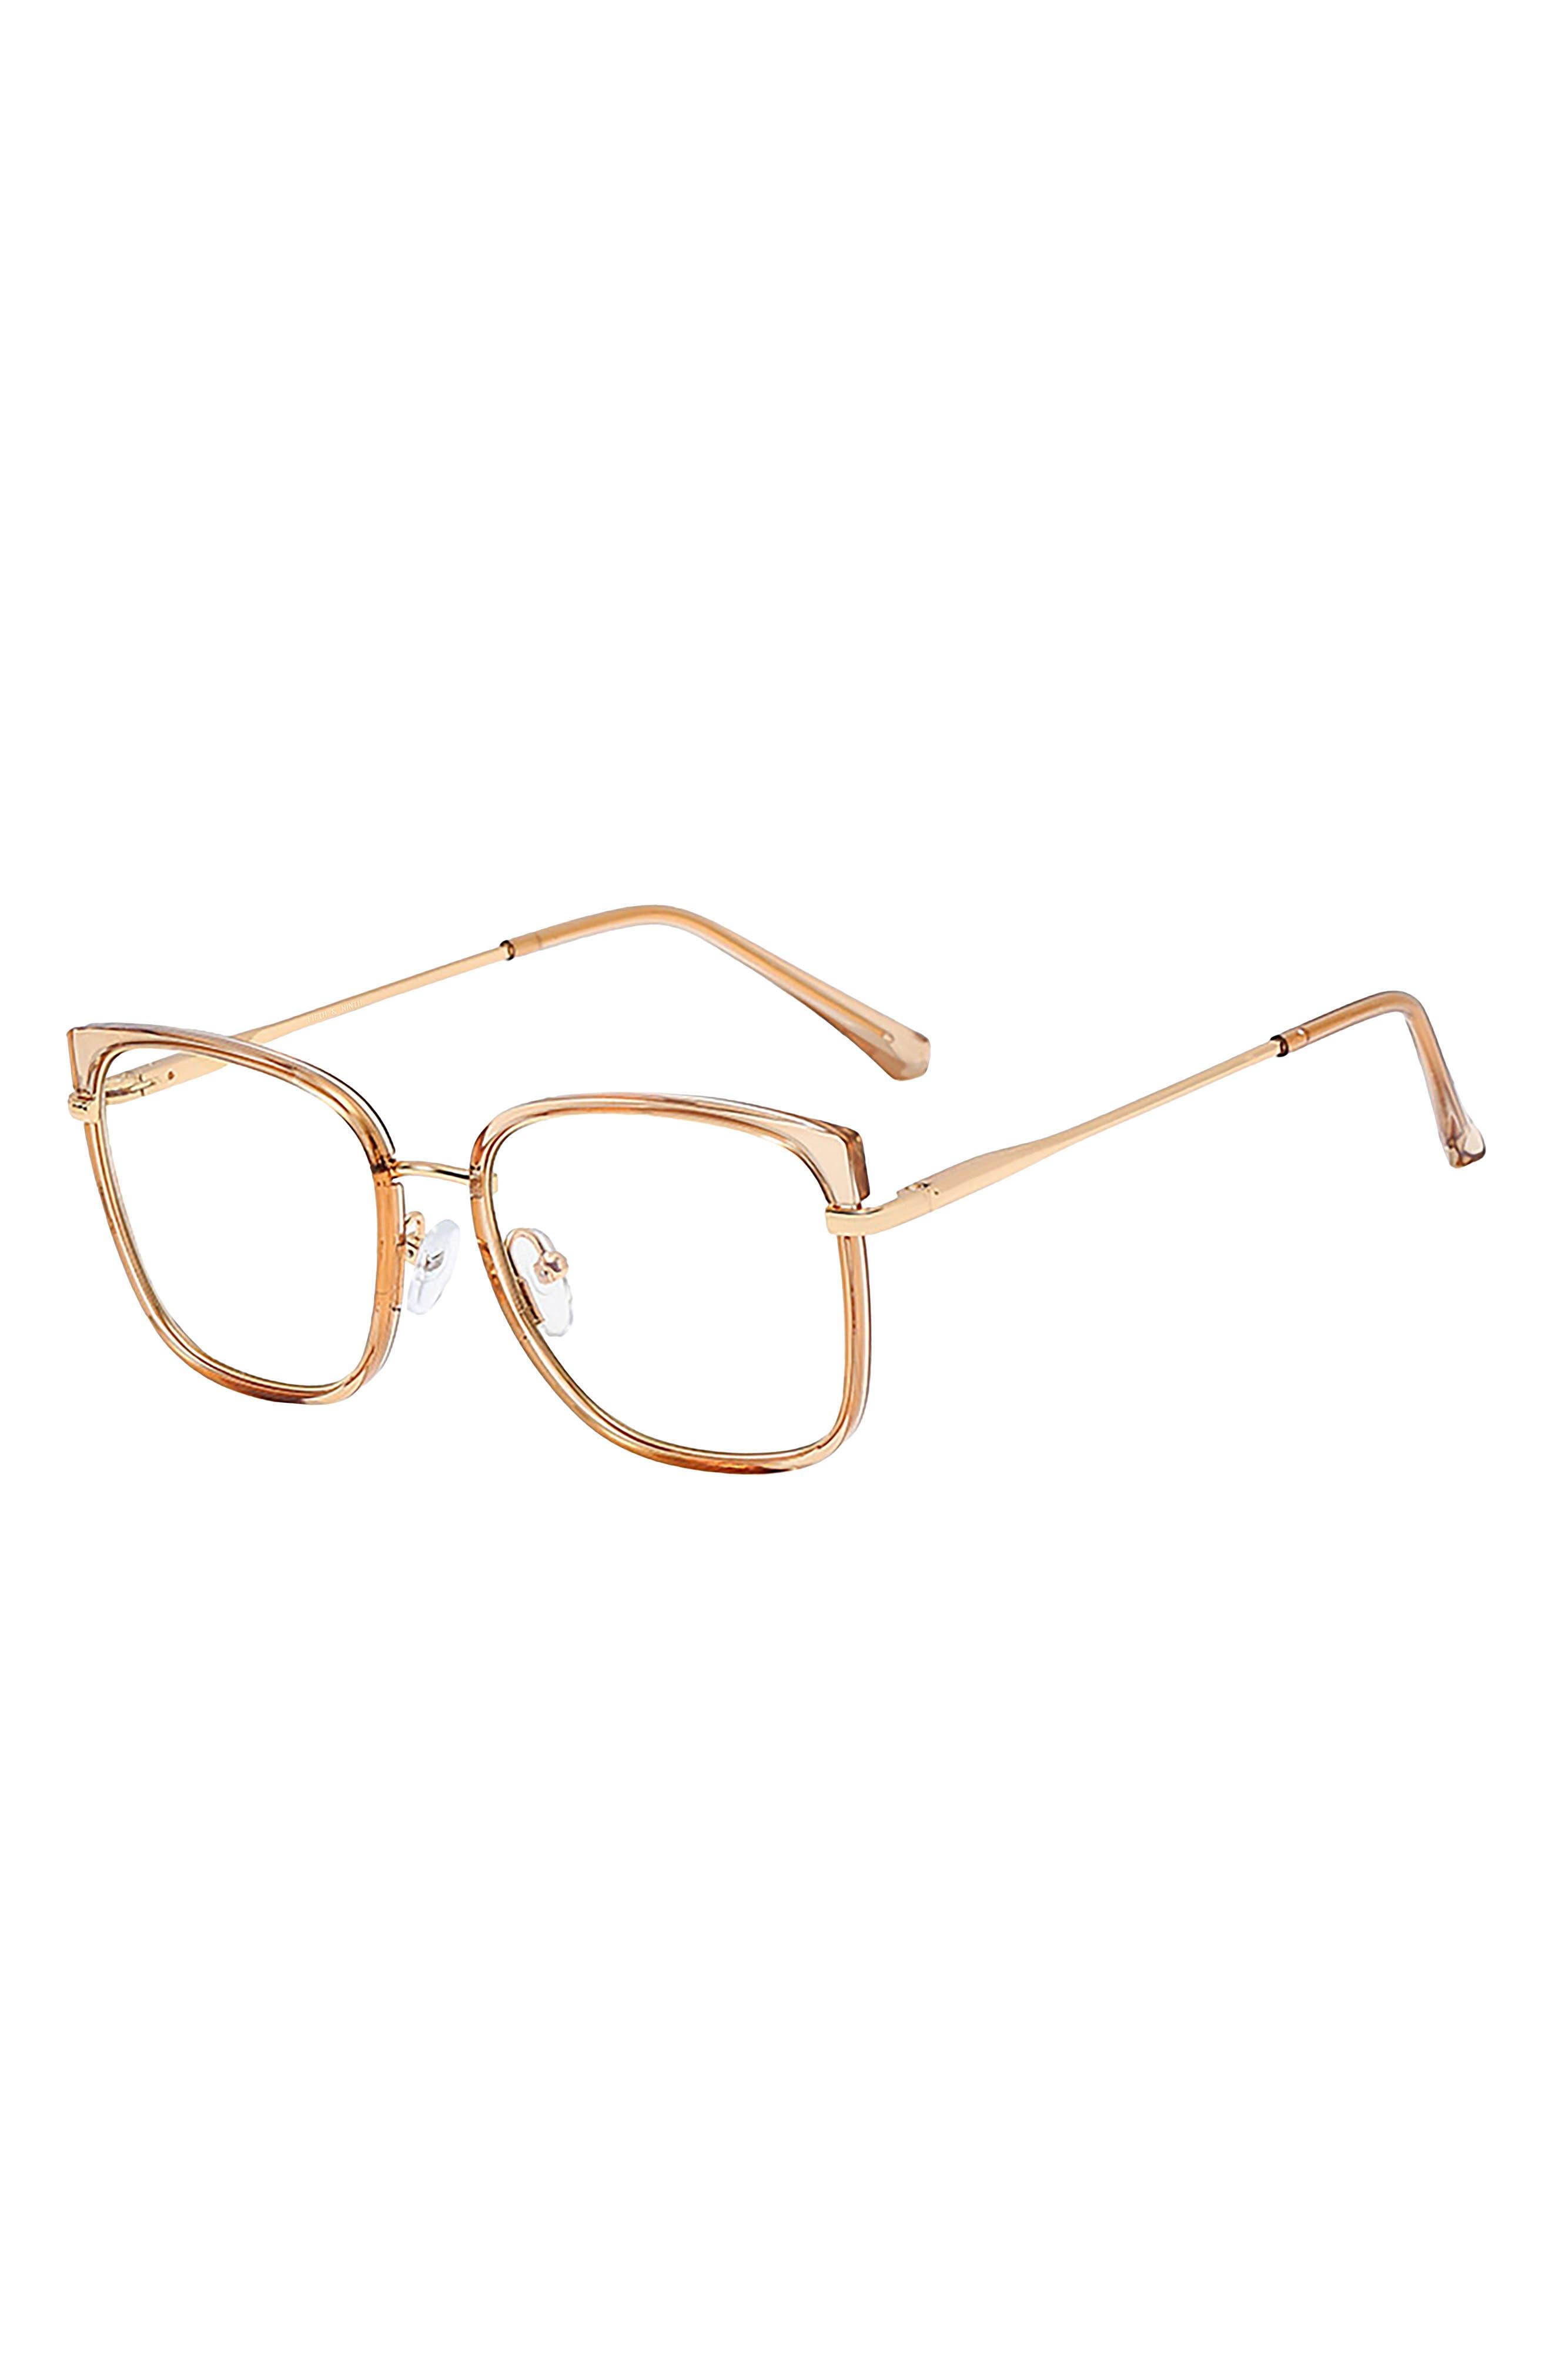 Sahara 53mm Square Blue Light Blocking Glasses